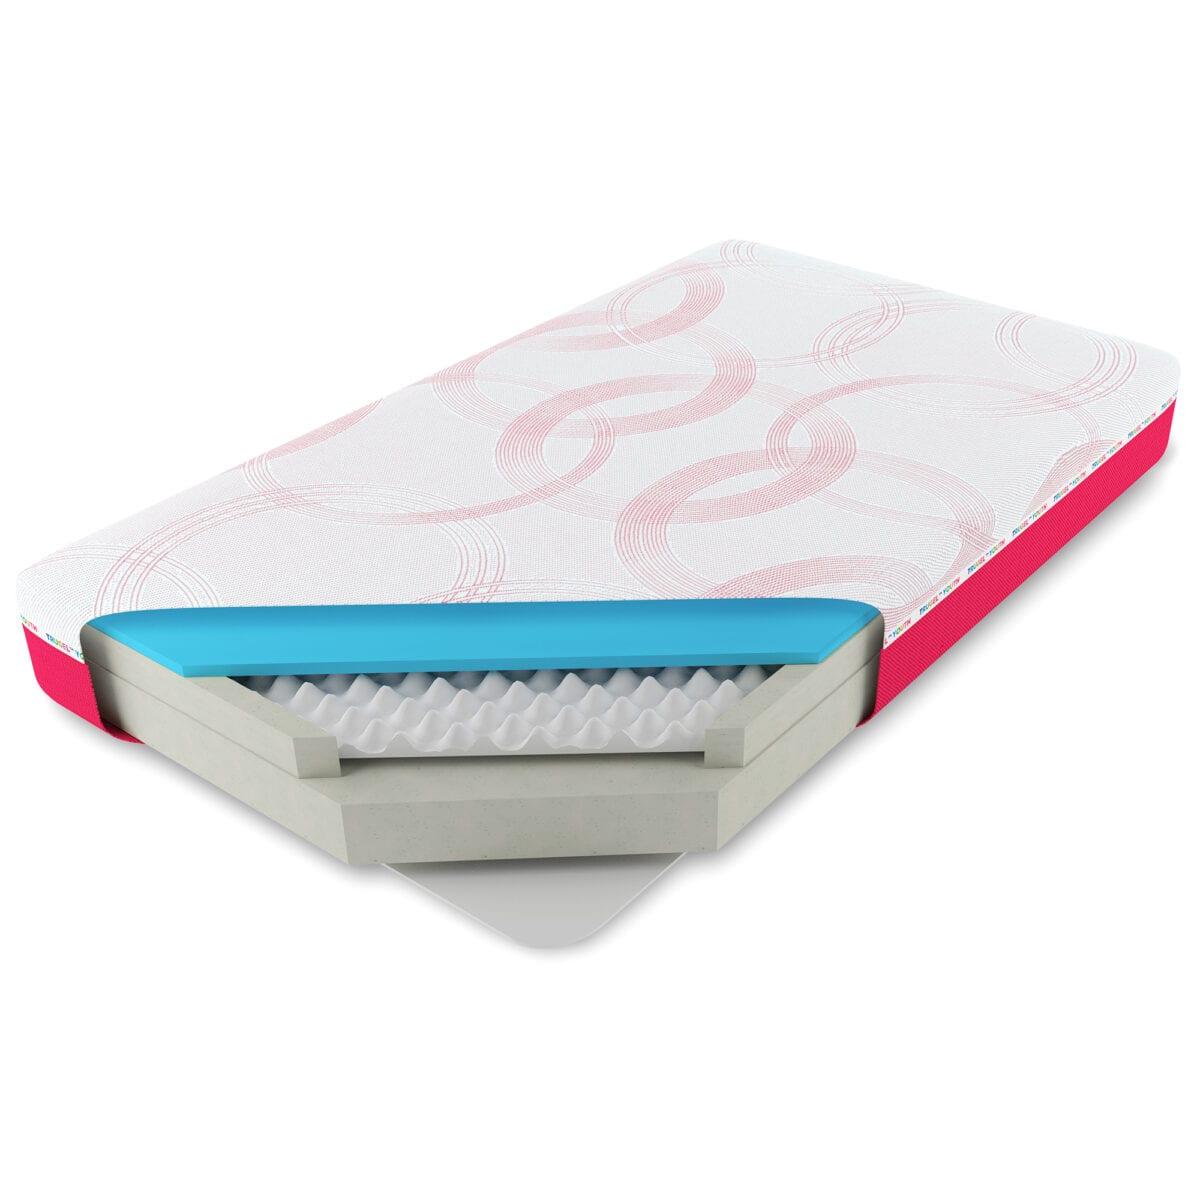 Image of Pink Youth Memory Foam Mattress